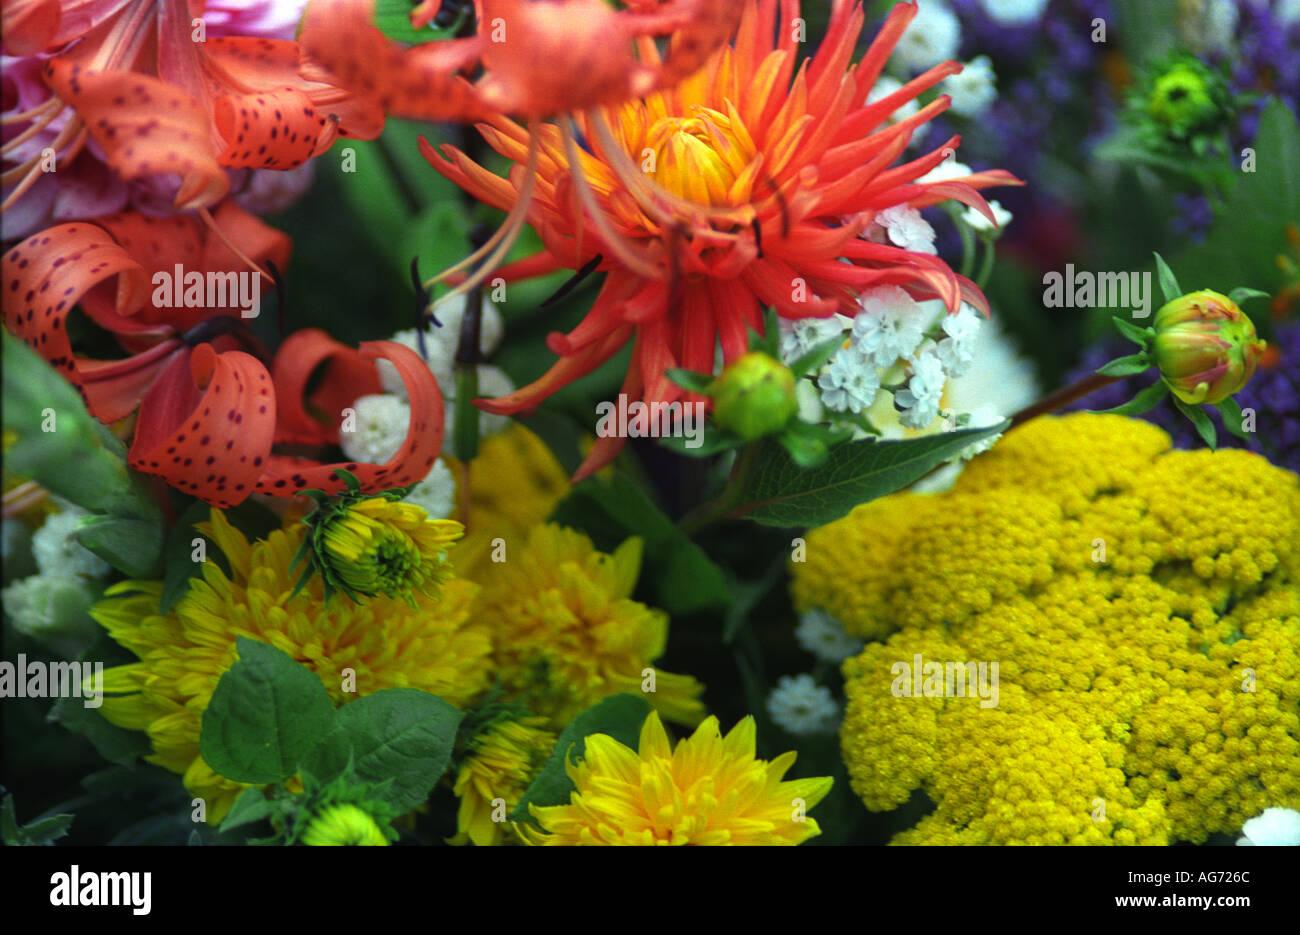 Mixes Bunch Of Spring Flowers Tasmania Australia 1754 Stock Photo